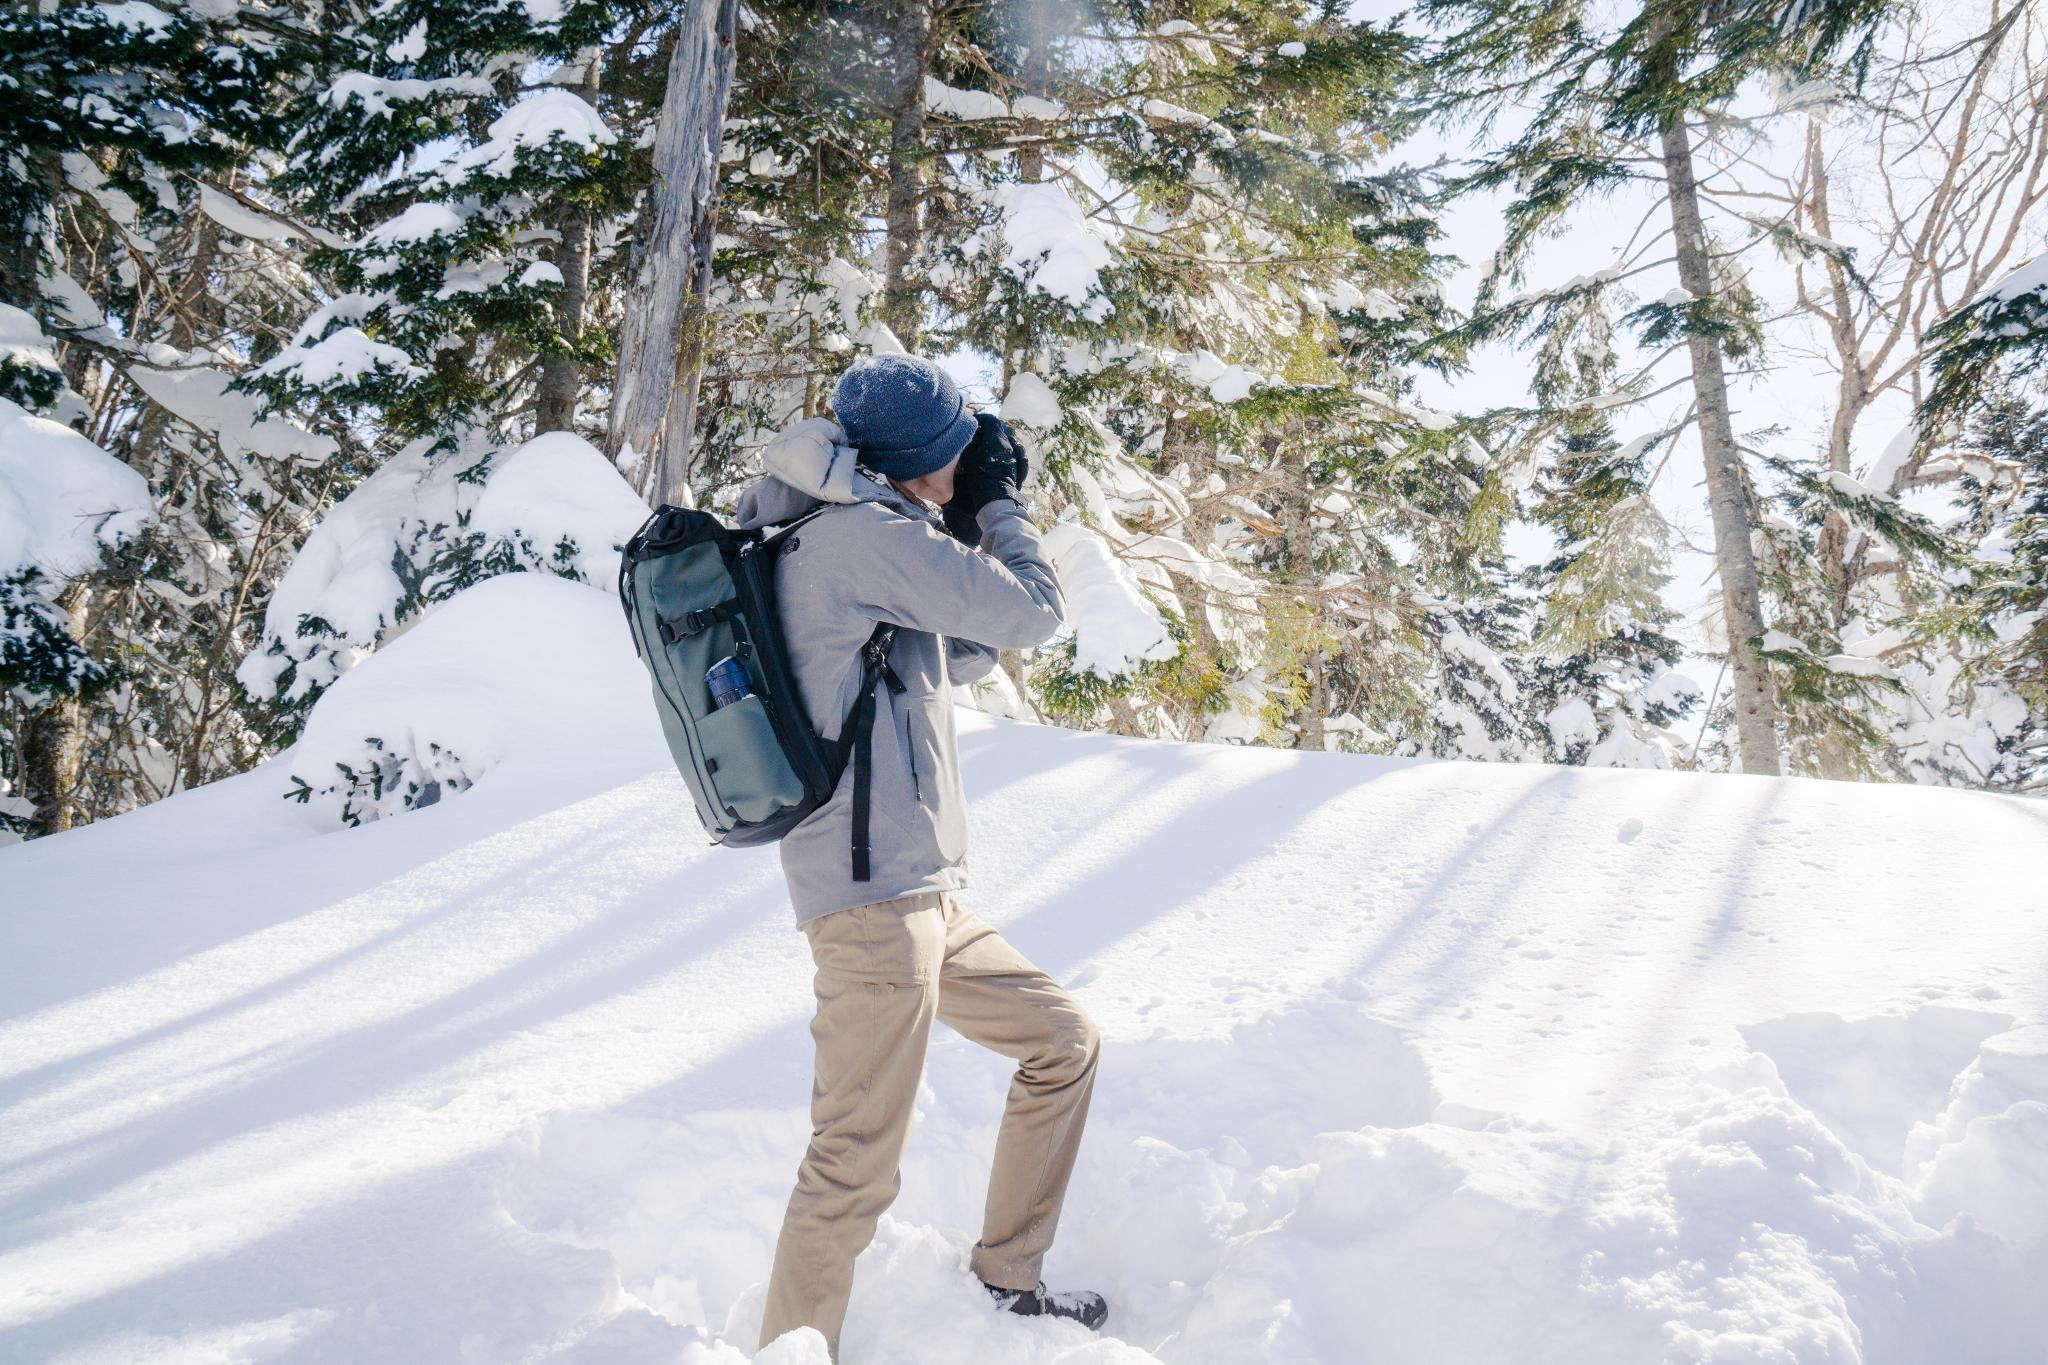 【岐阜】超級推薦!奧飛驒溫泉鄉的冬季戀歌 ~ 新穗高纜車雪景攻略 113